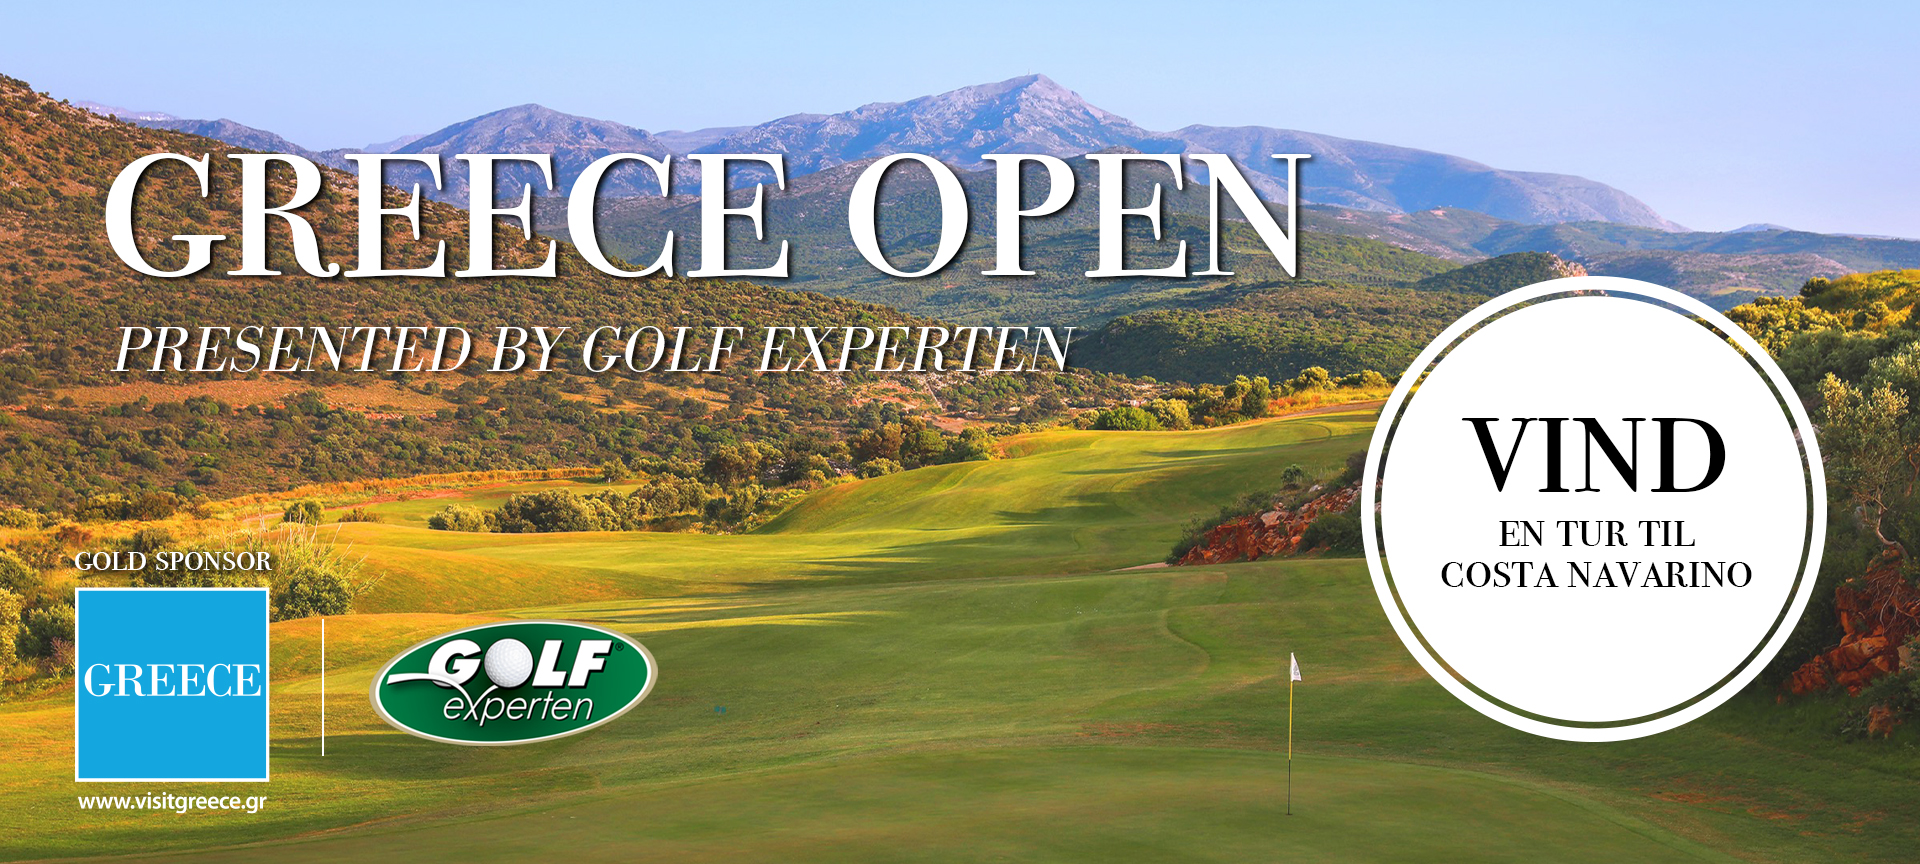 Greece Open - Presented by Golf Experten